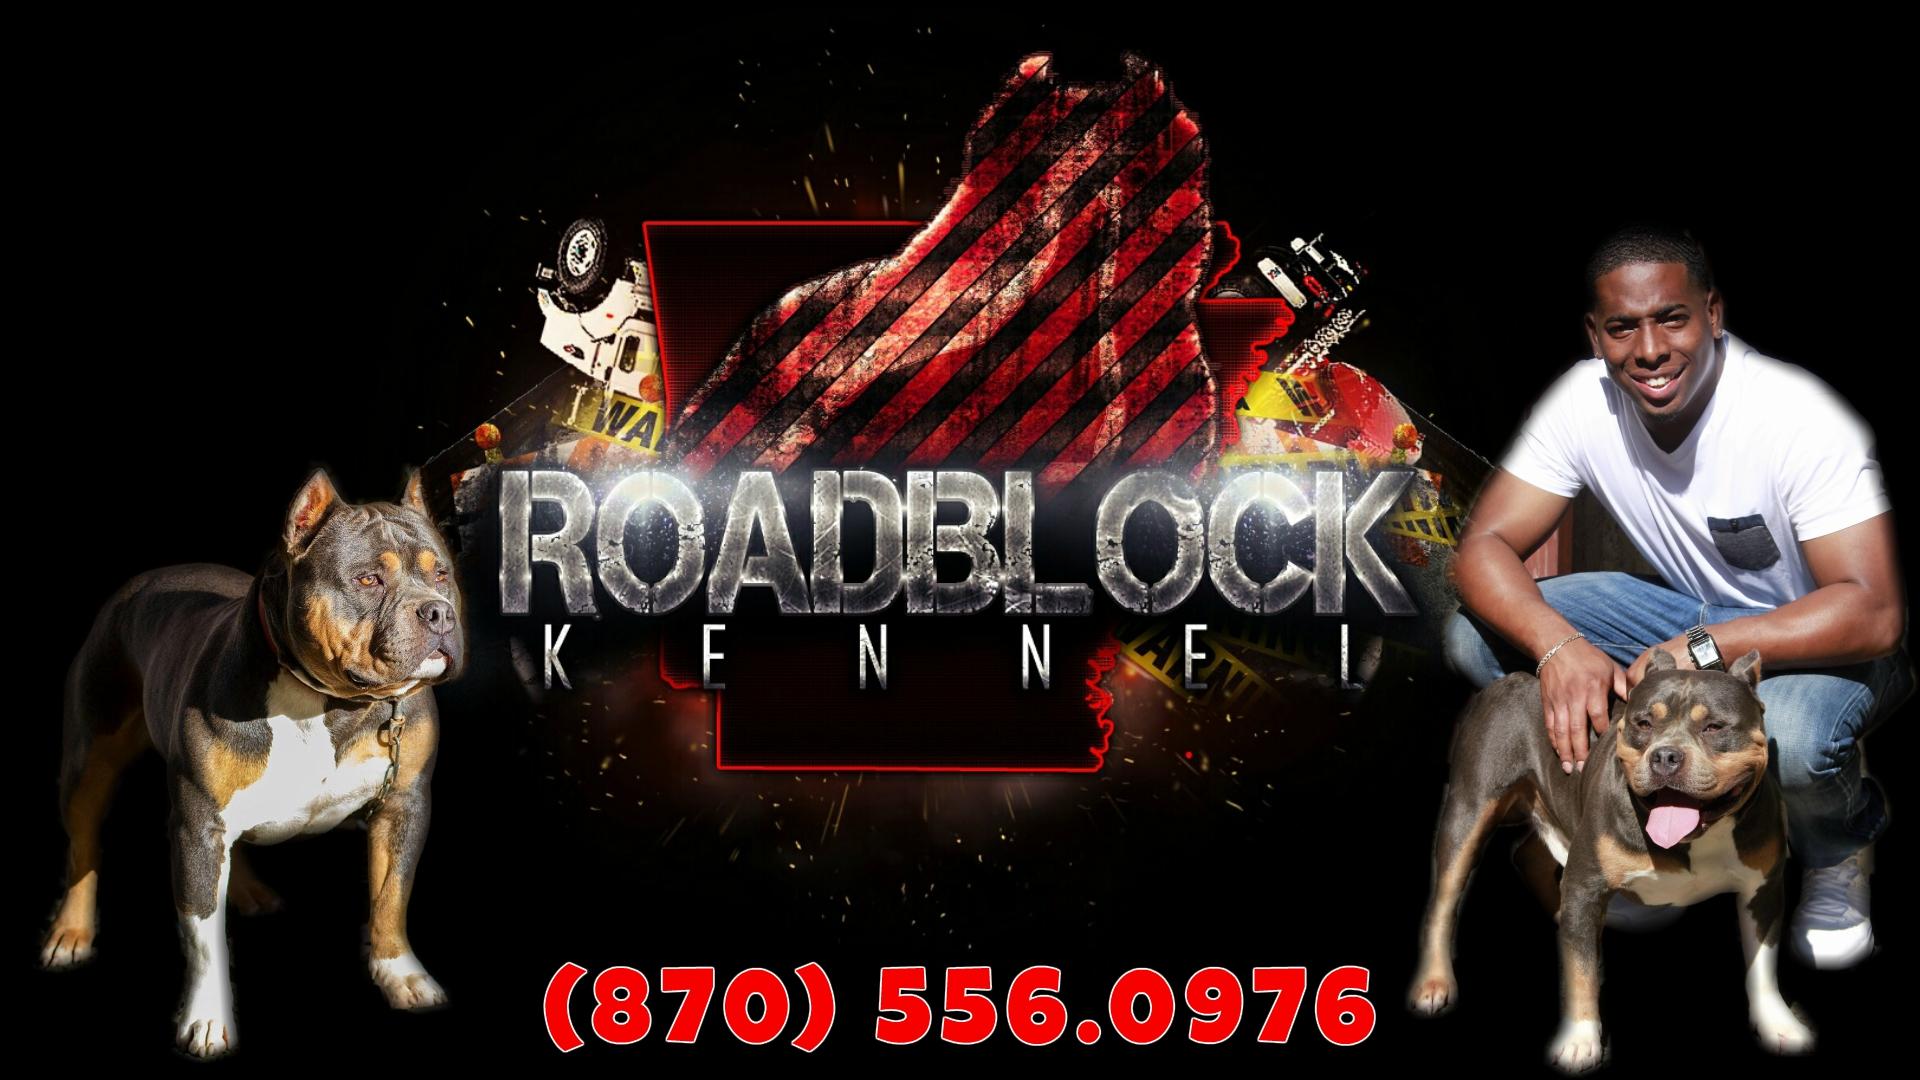 Road Block 5